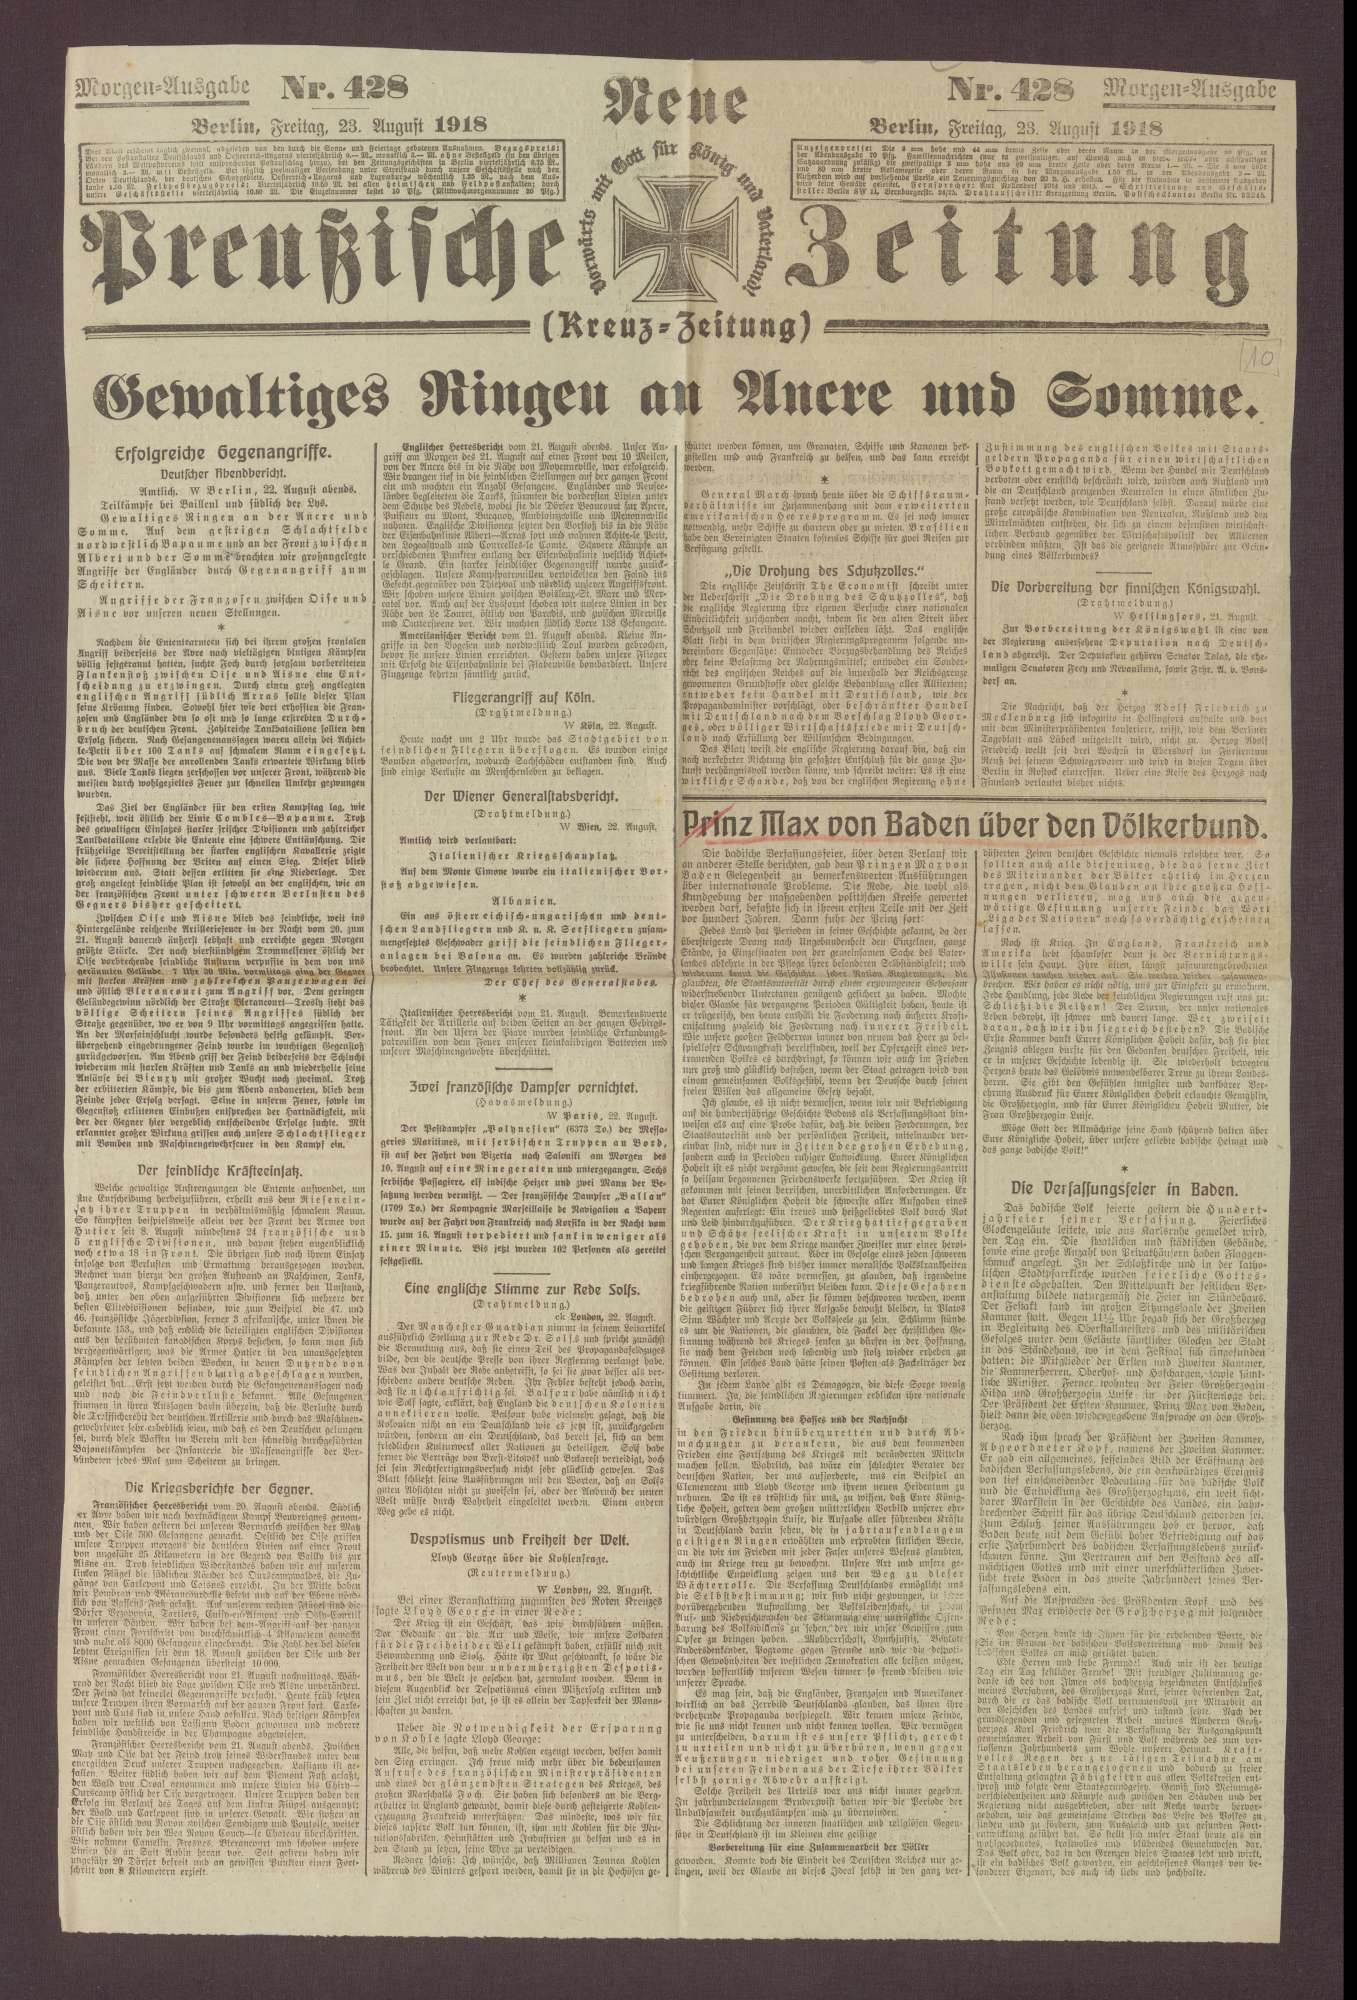 """Artikel in den Neuen Preußischen Zeitung: """"Prinz Max von Baden über den Völkerbund"""", Bild 1"""